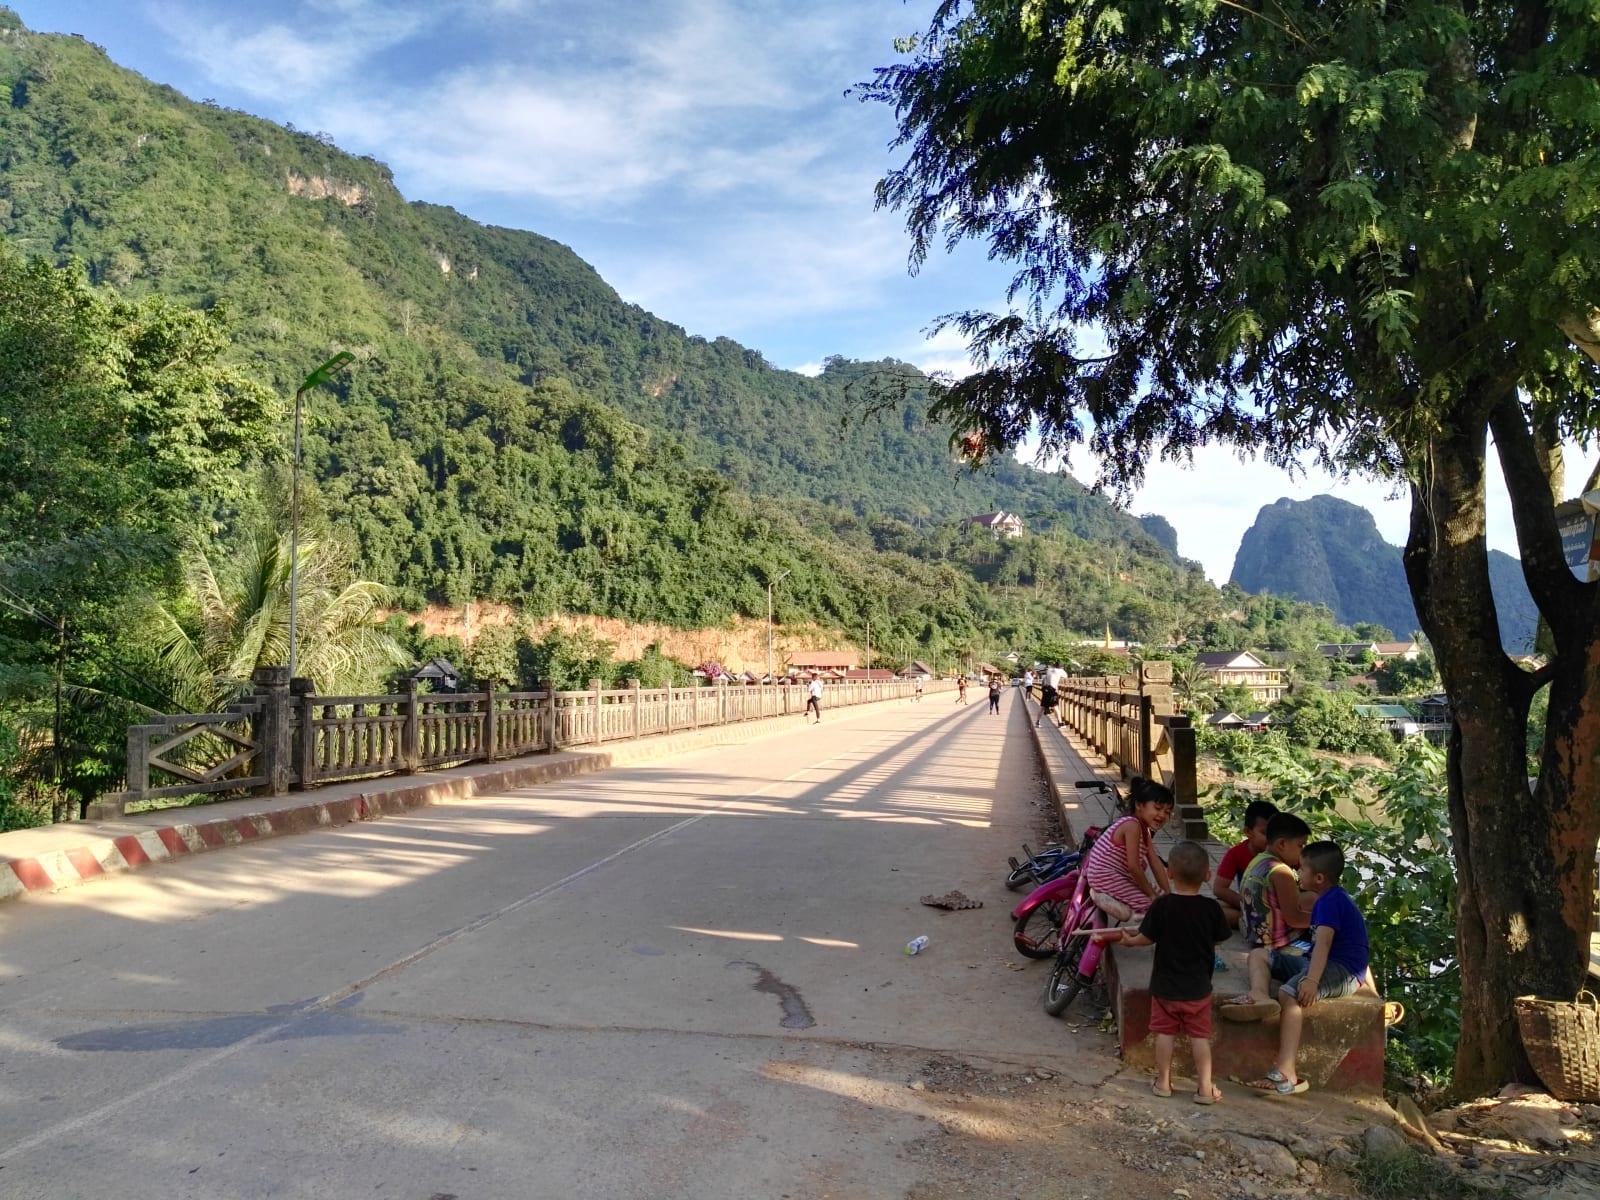 Poklidná atmosféra městečka Nong Khiaw, Laos